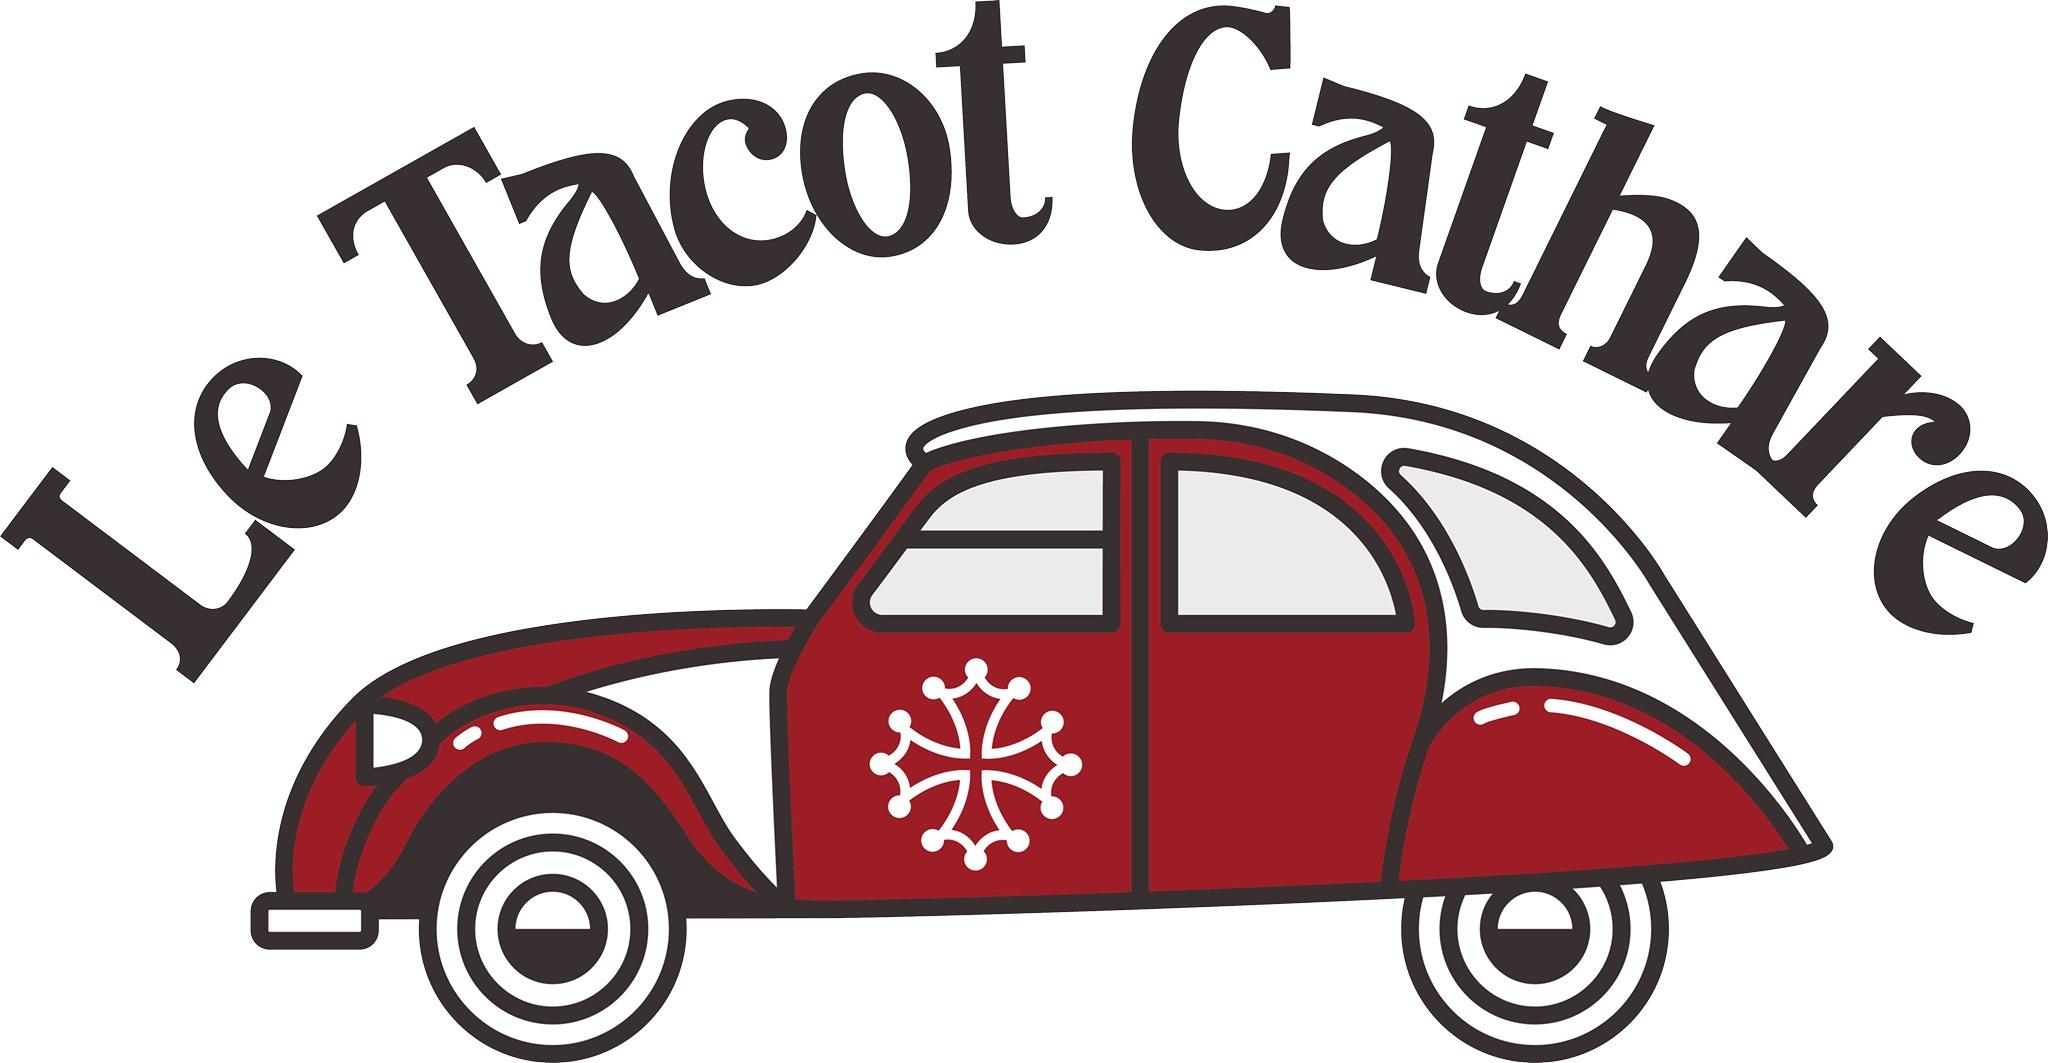 Le Tacot Cathare | Visite guidée du Tarn en 2 CV